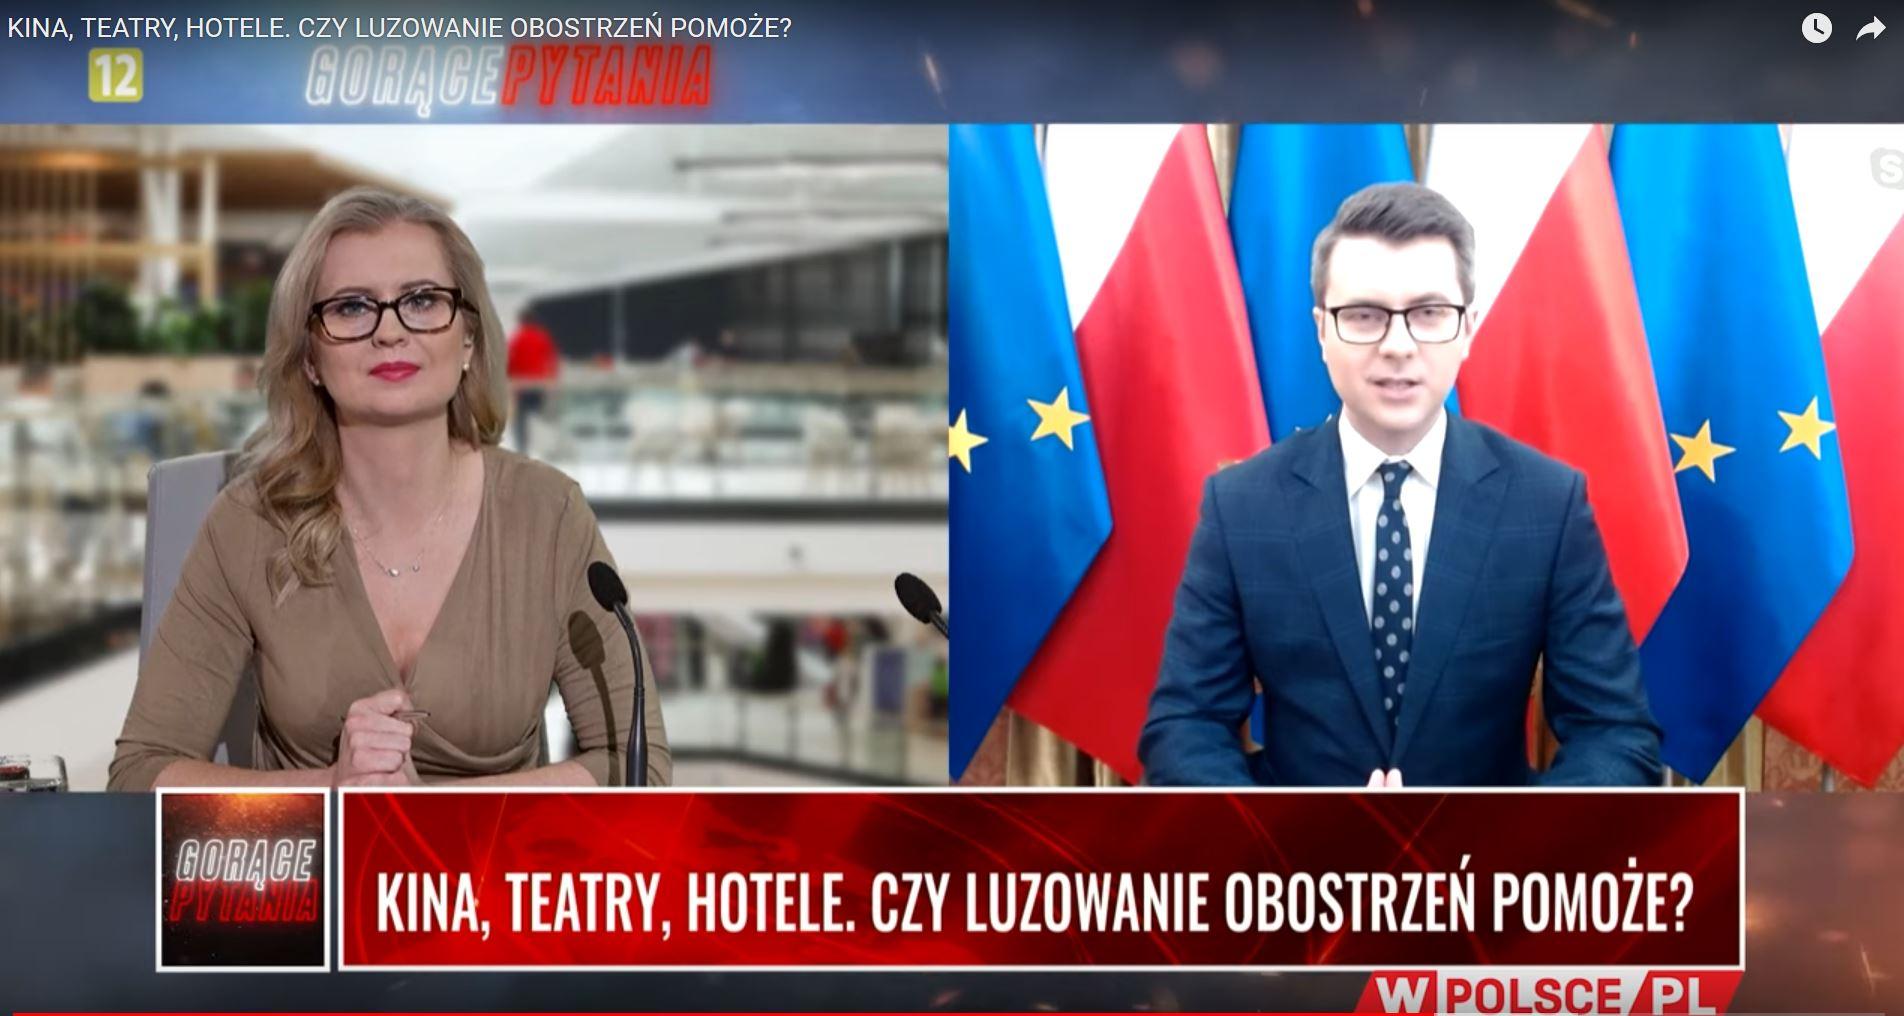 Udział Piotra Müllera w programie wPolsce.pl